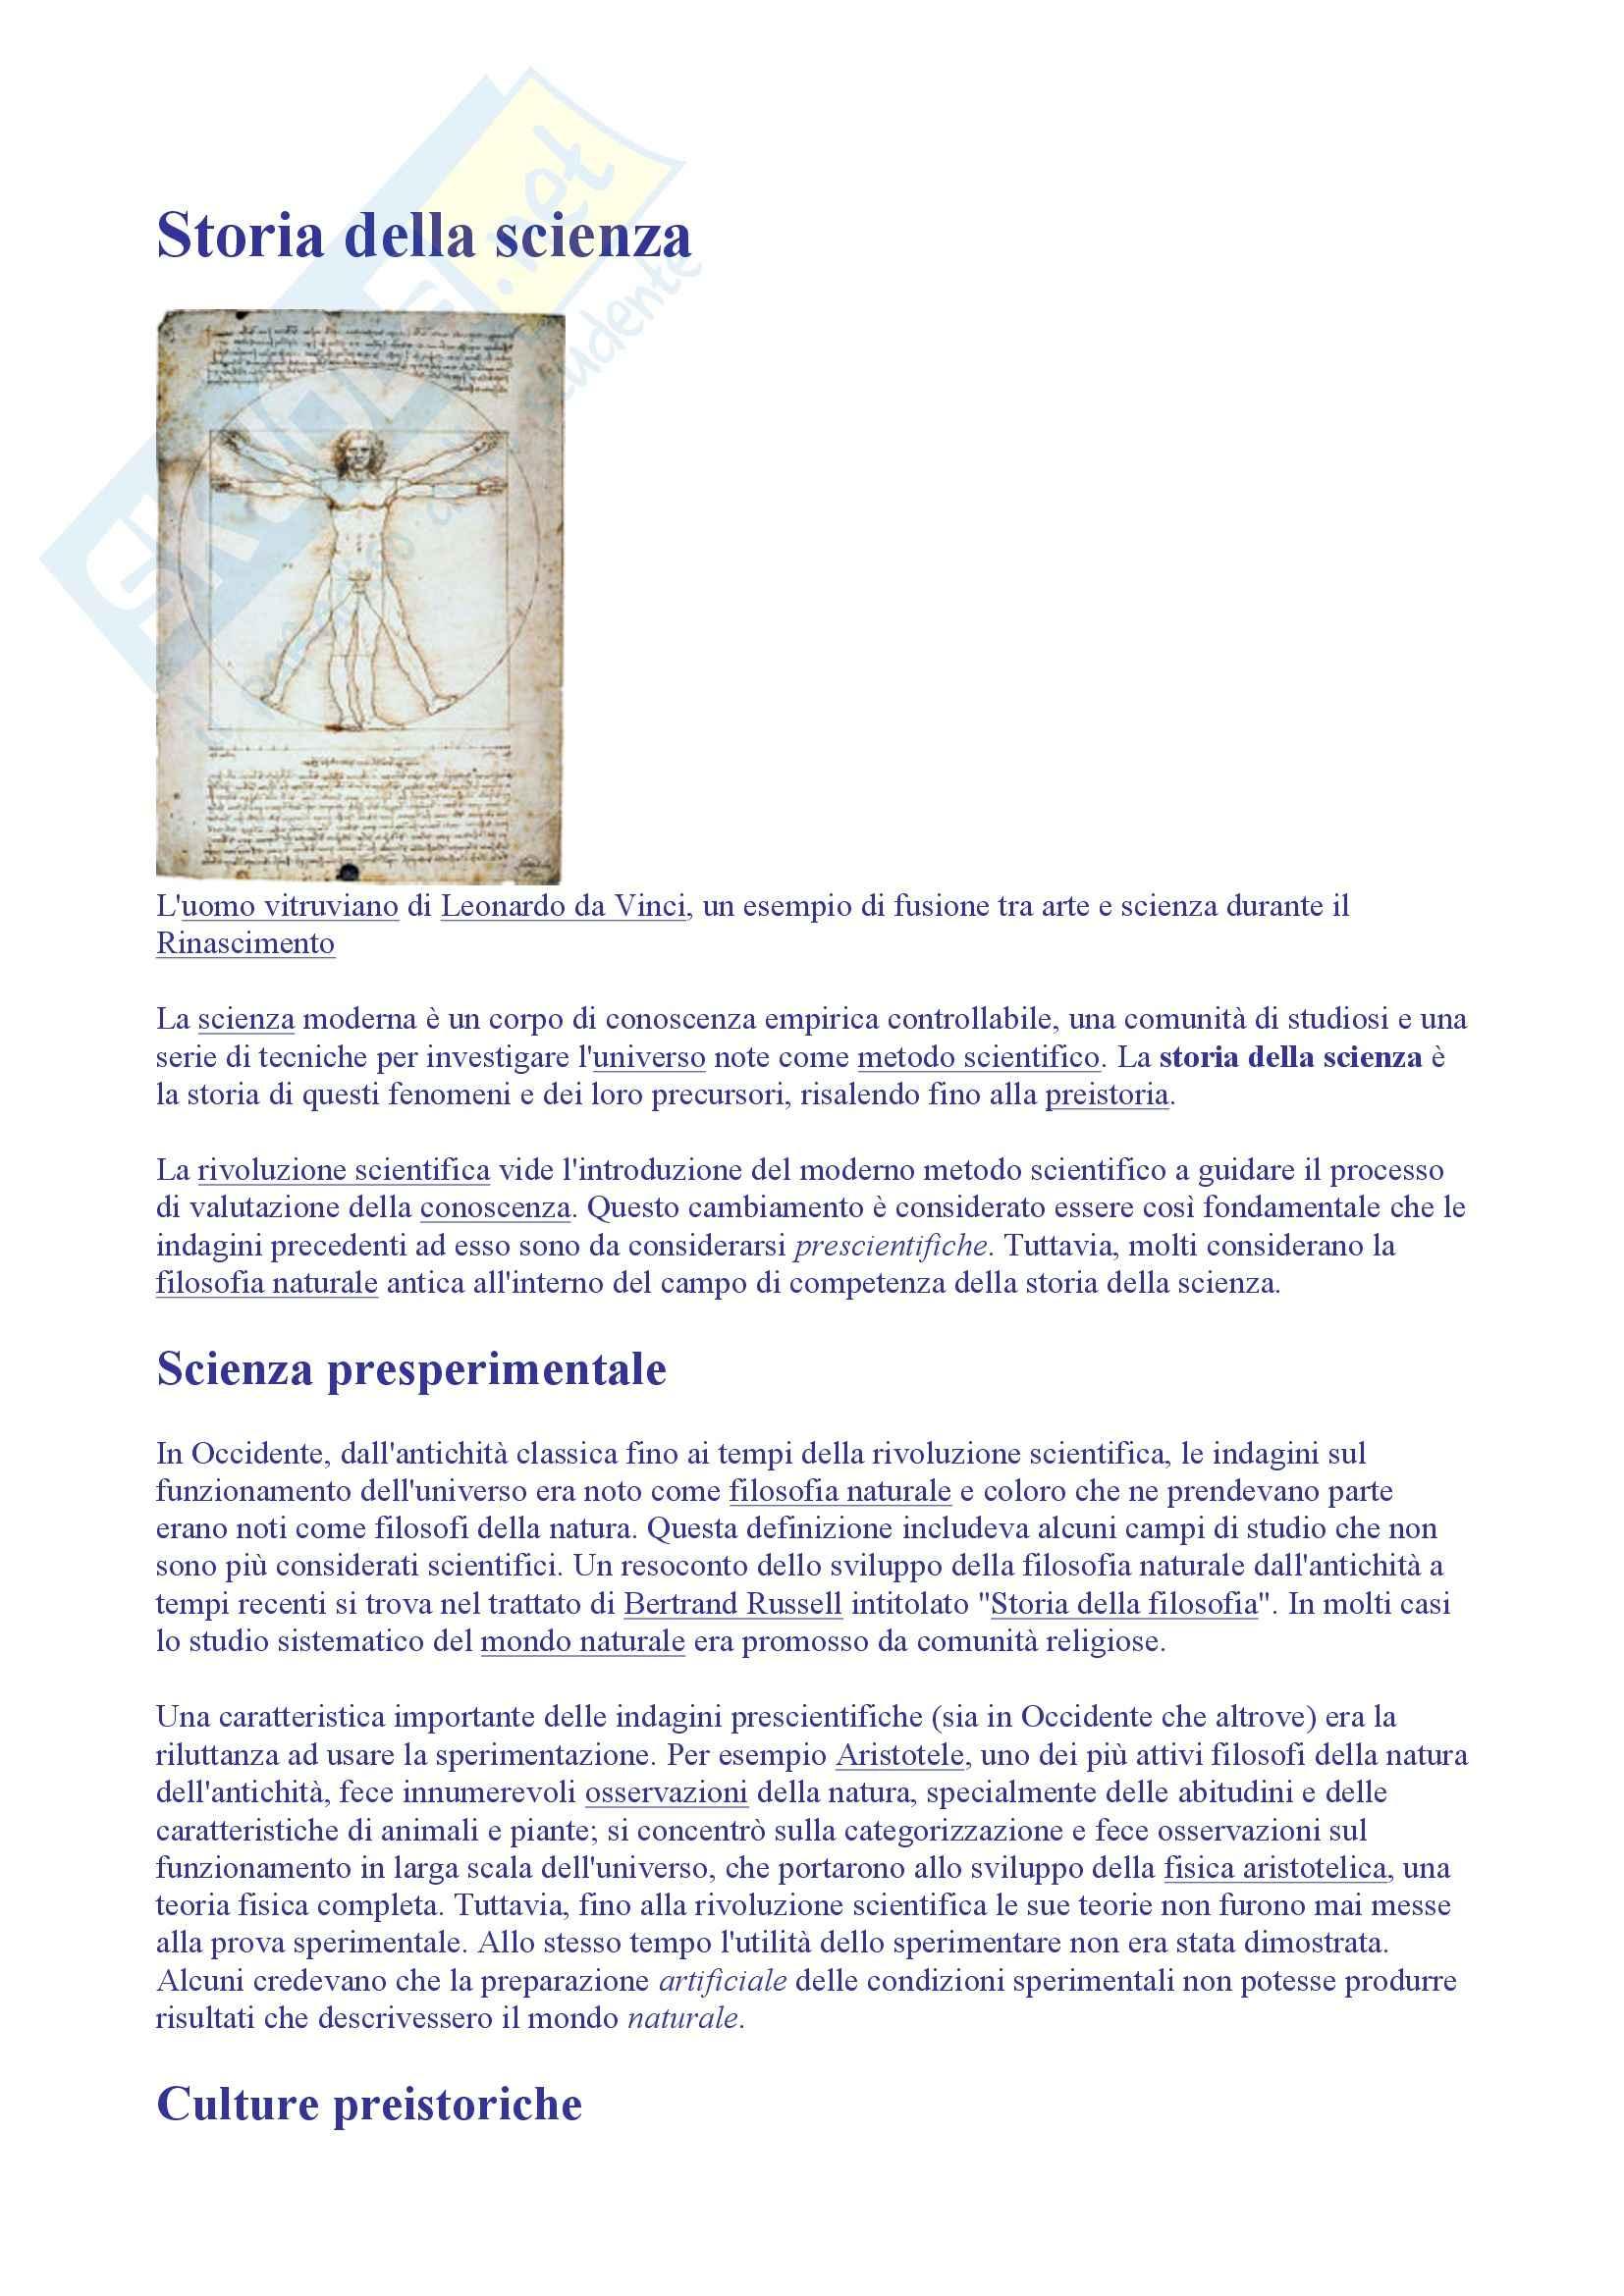 Storia della Scienza e delle Tecniche - Storia della Scienza